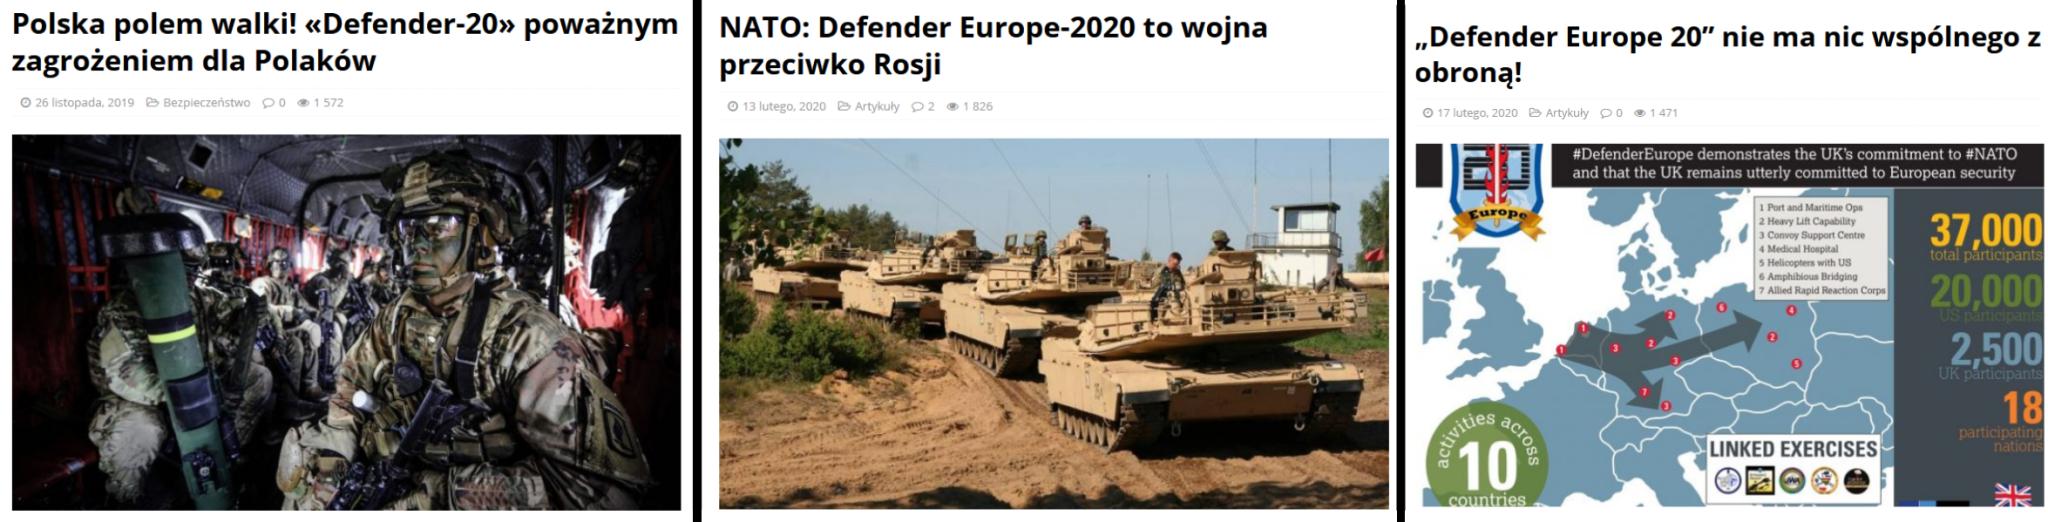 Przykładowe tytuły artykułów o ćwiczeniach Defender-Europe 20 na jednym z polskich portali